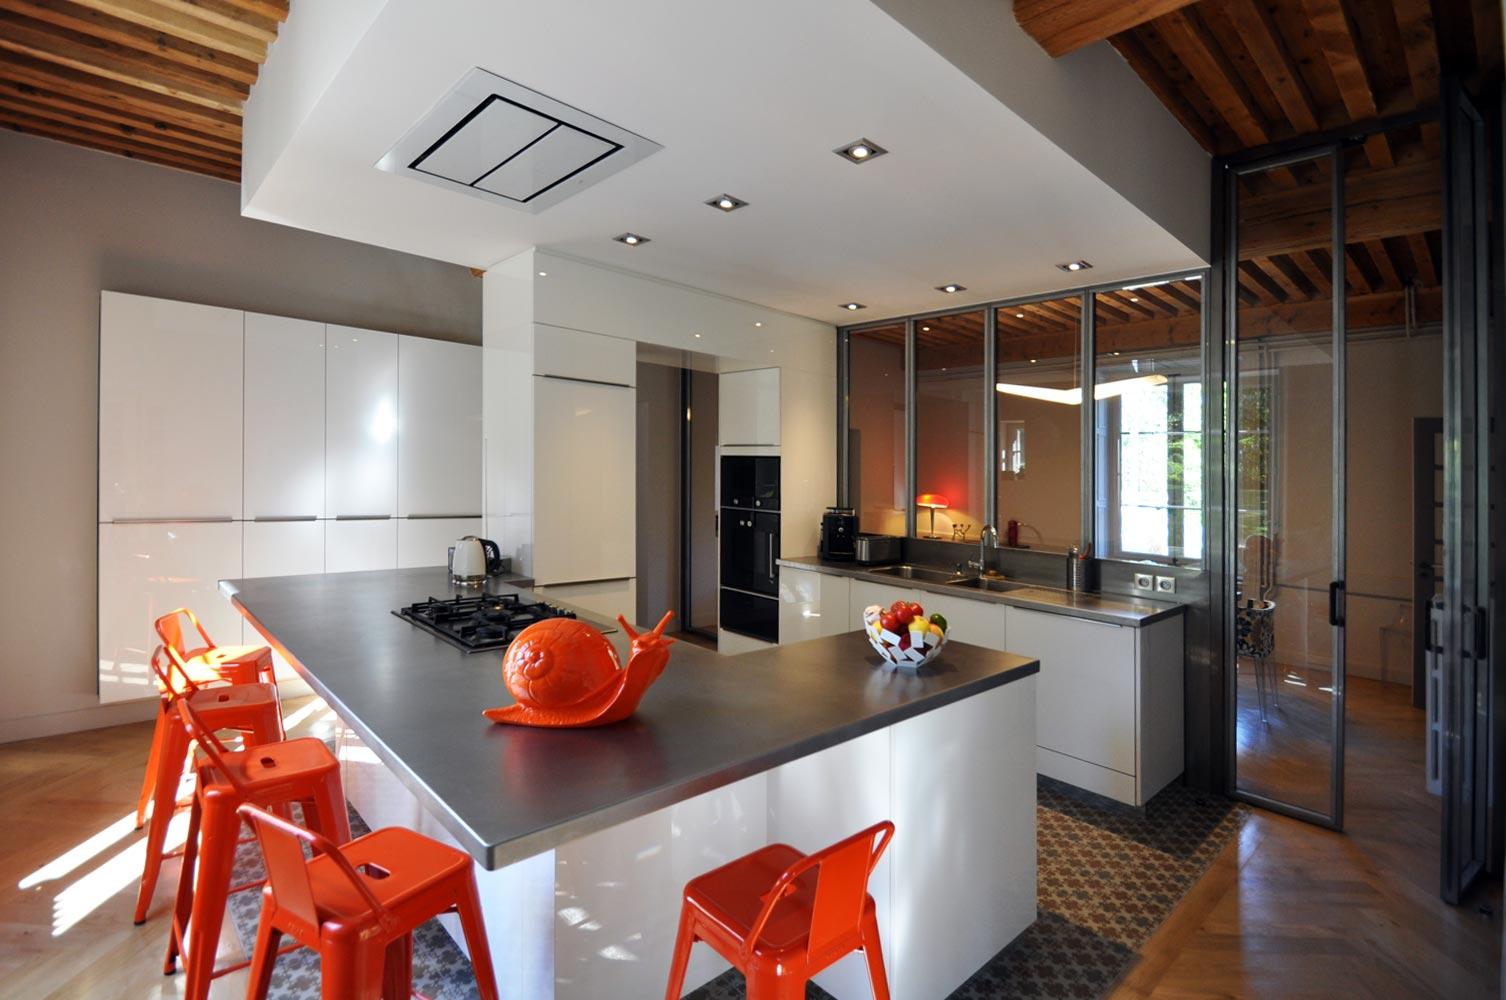 rbmr. Black Bedroom Furniture Sets. Home Design Ideas